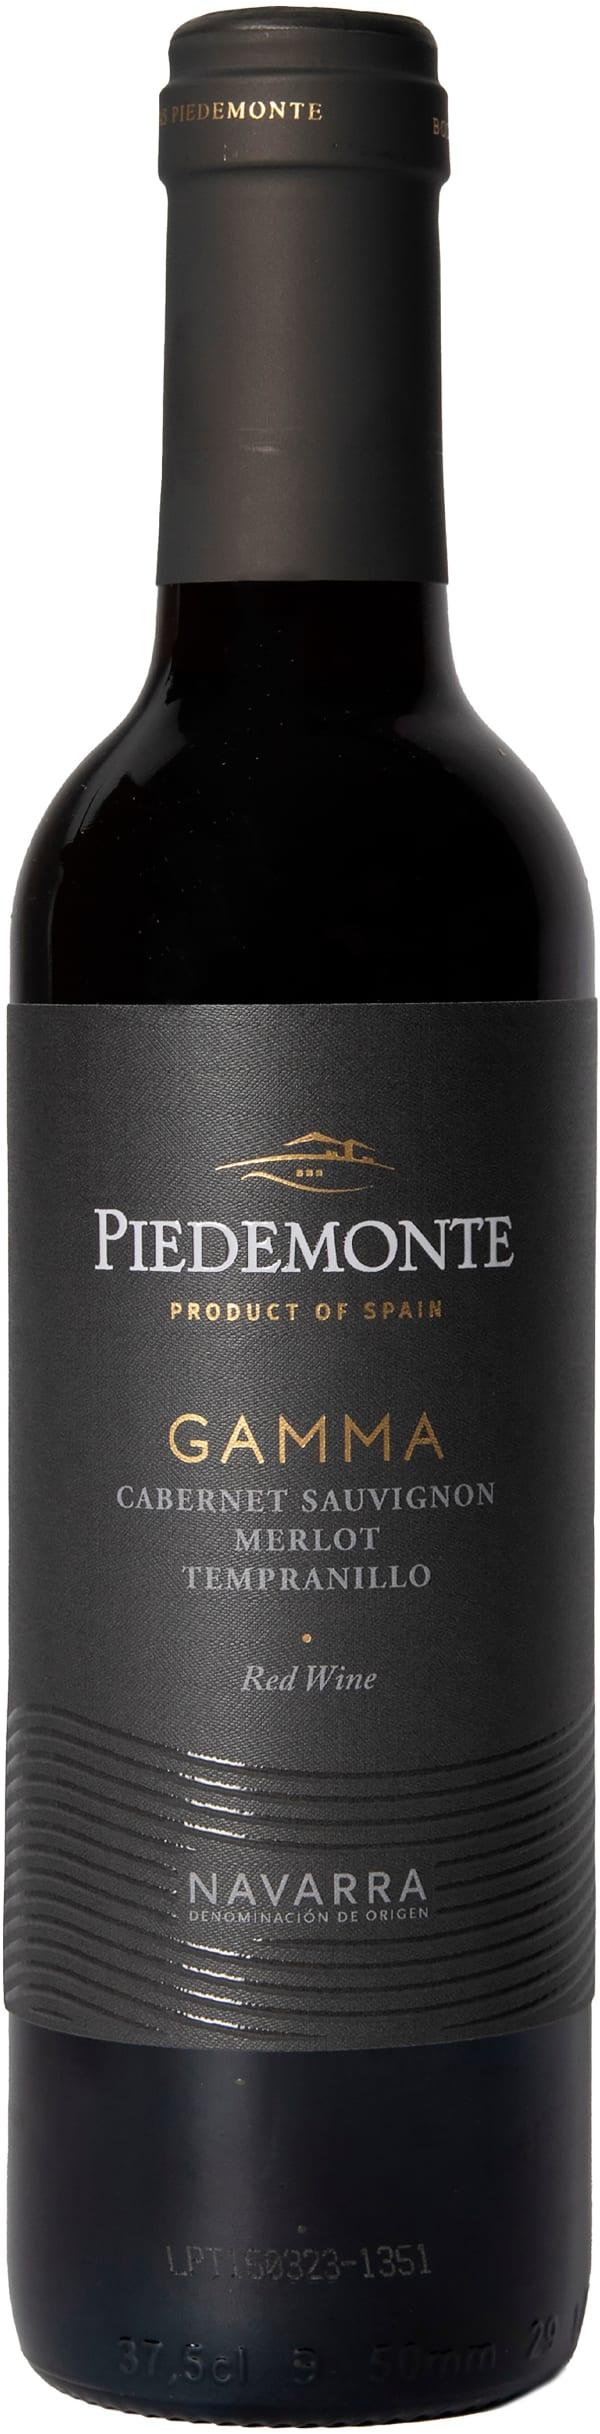 Piedemonte Gamma Cabernet Sauvignon Merlot Tempranillo 2018